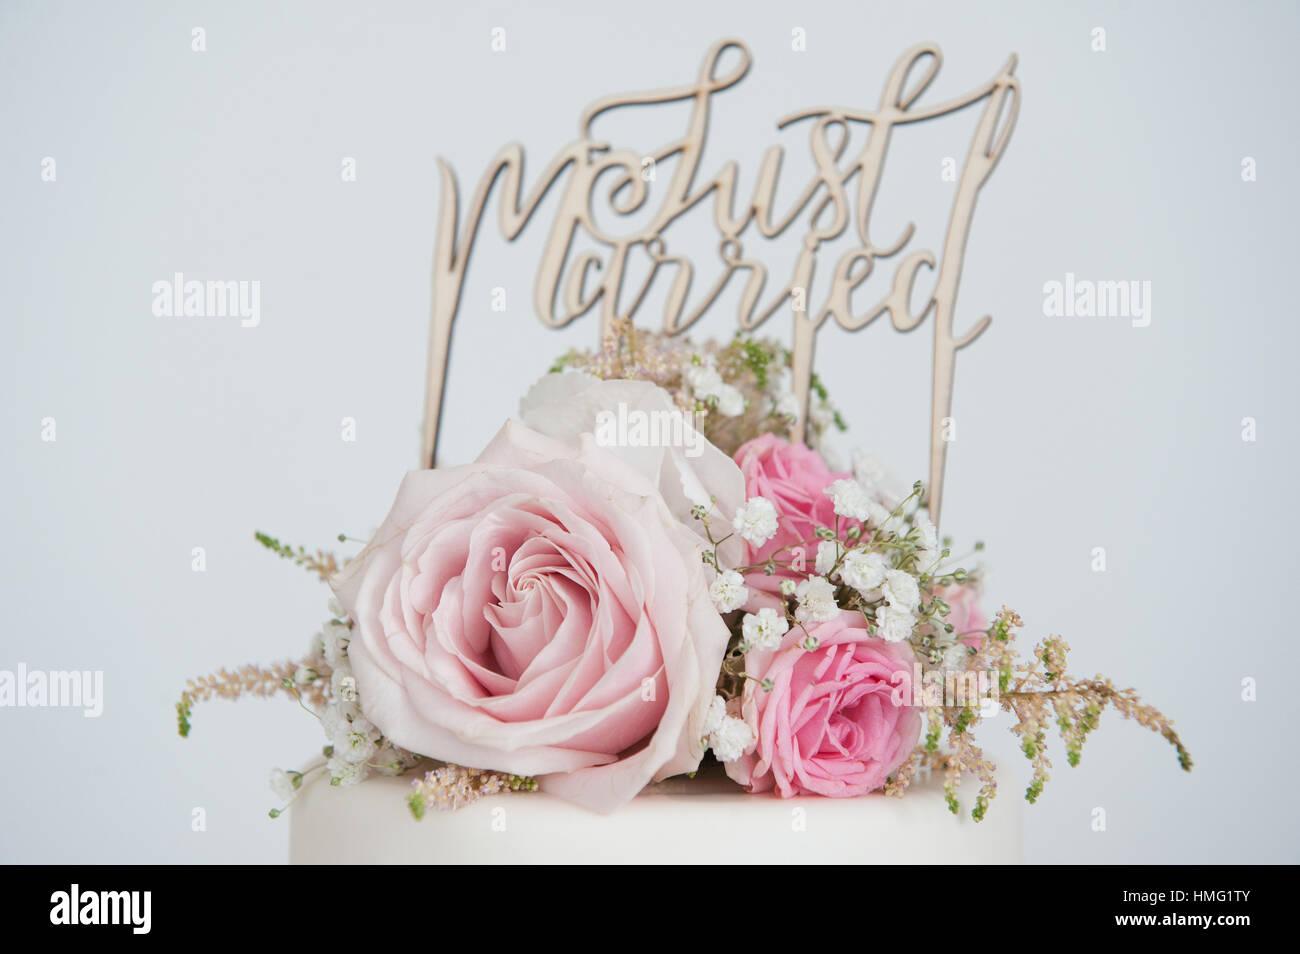 Hochzeitstorte Mit Eine Just Married Cake Topper Mit Echten Rosa